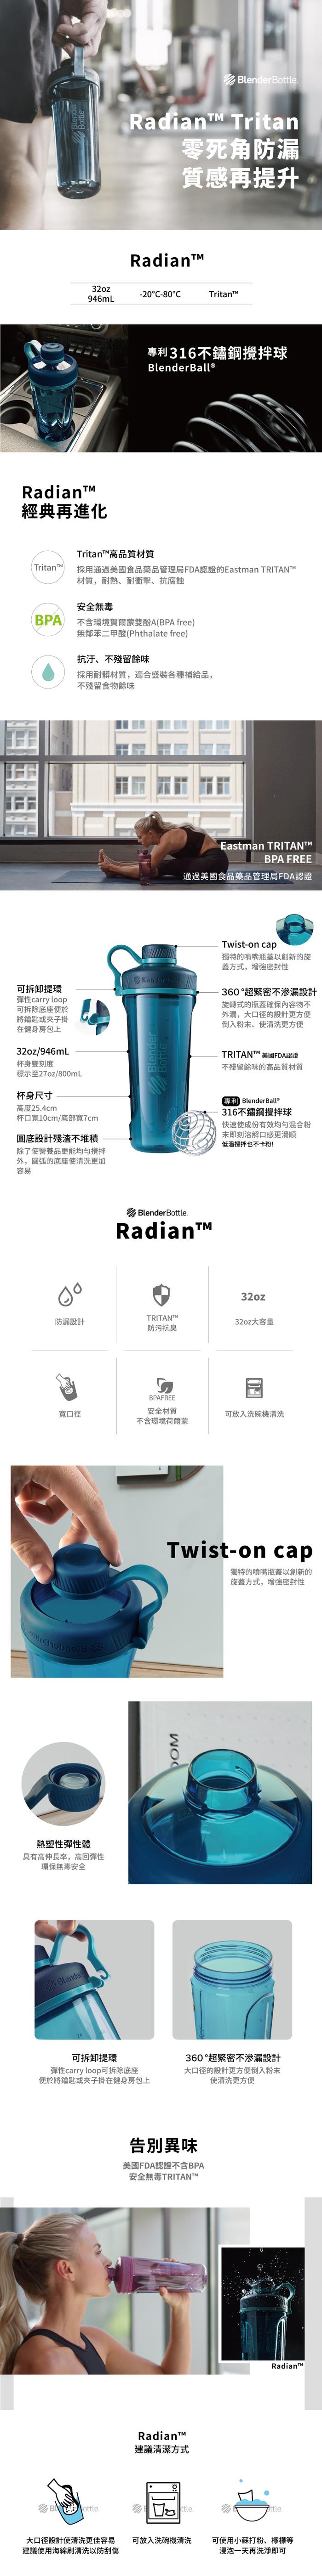 Blender Bottle|《Radian系列》32oz旋蓋直飲運動搖搖杯-軍綠